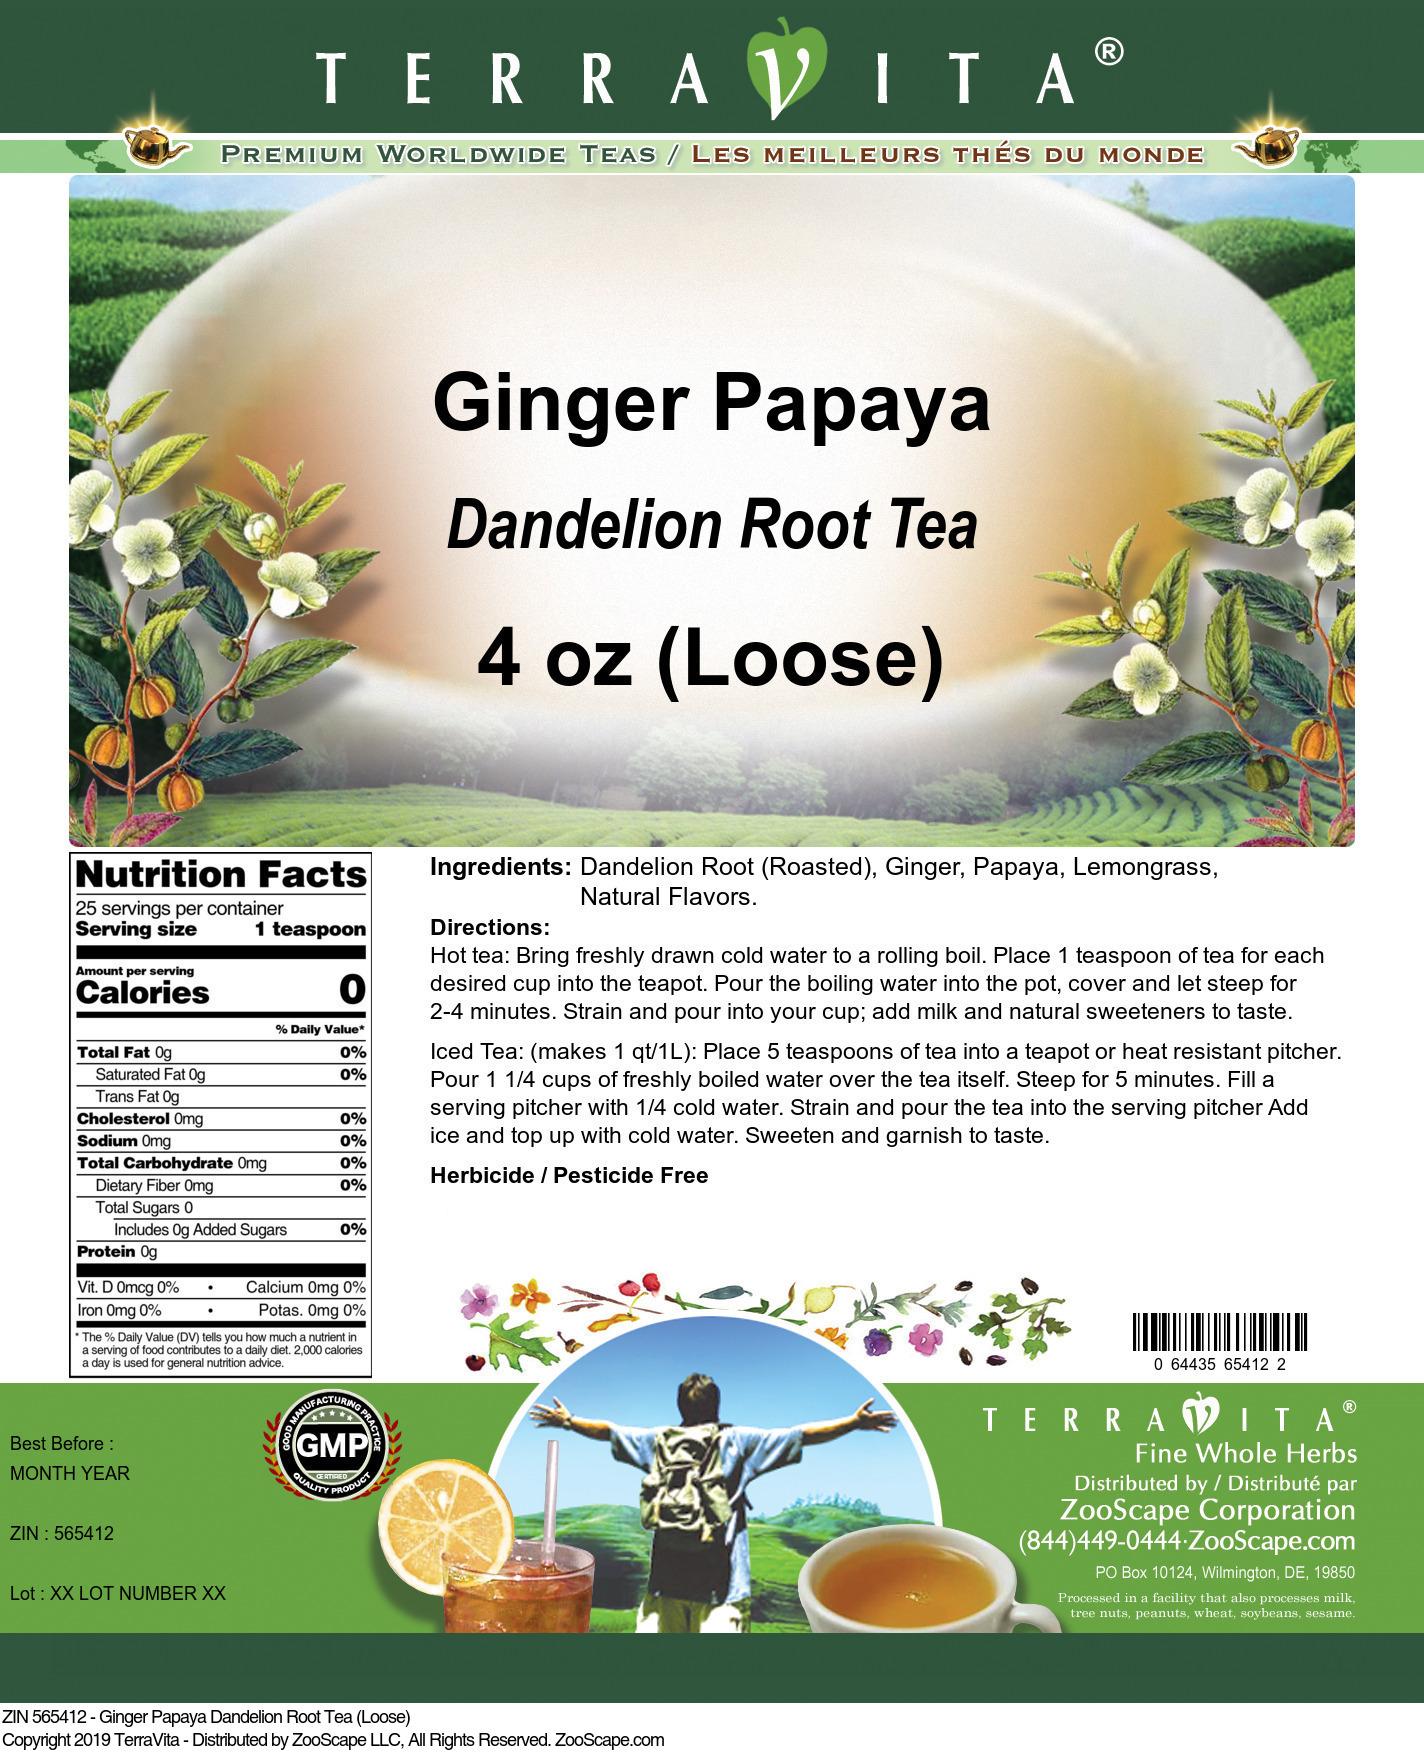 Ginger Papaya Dandelion Root